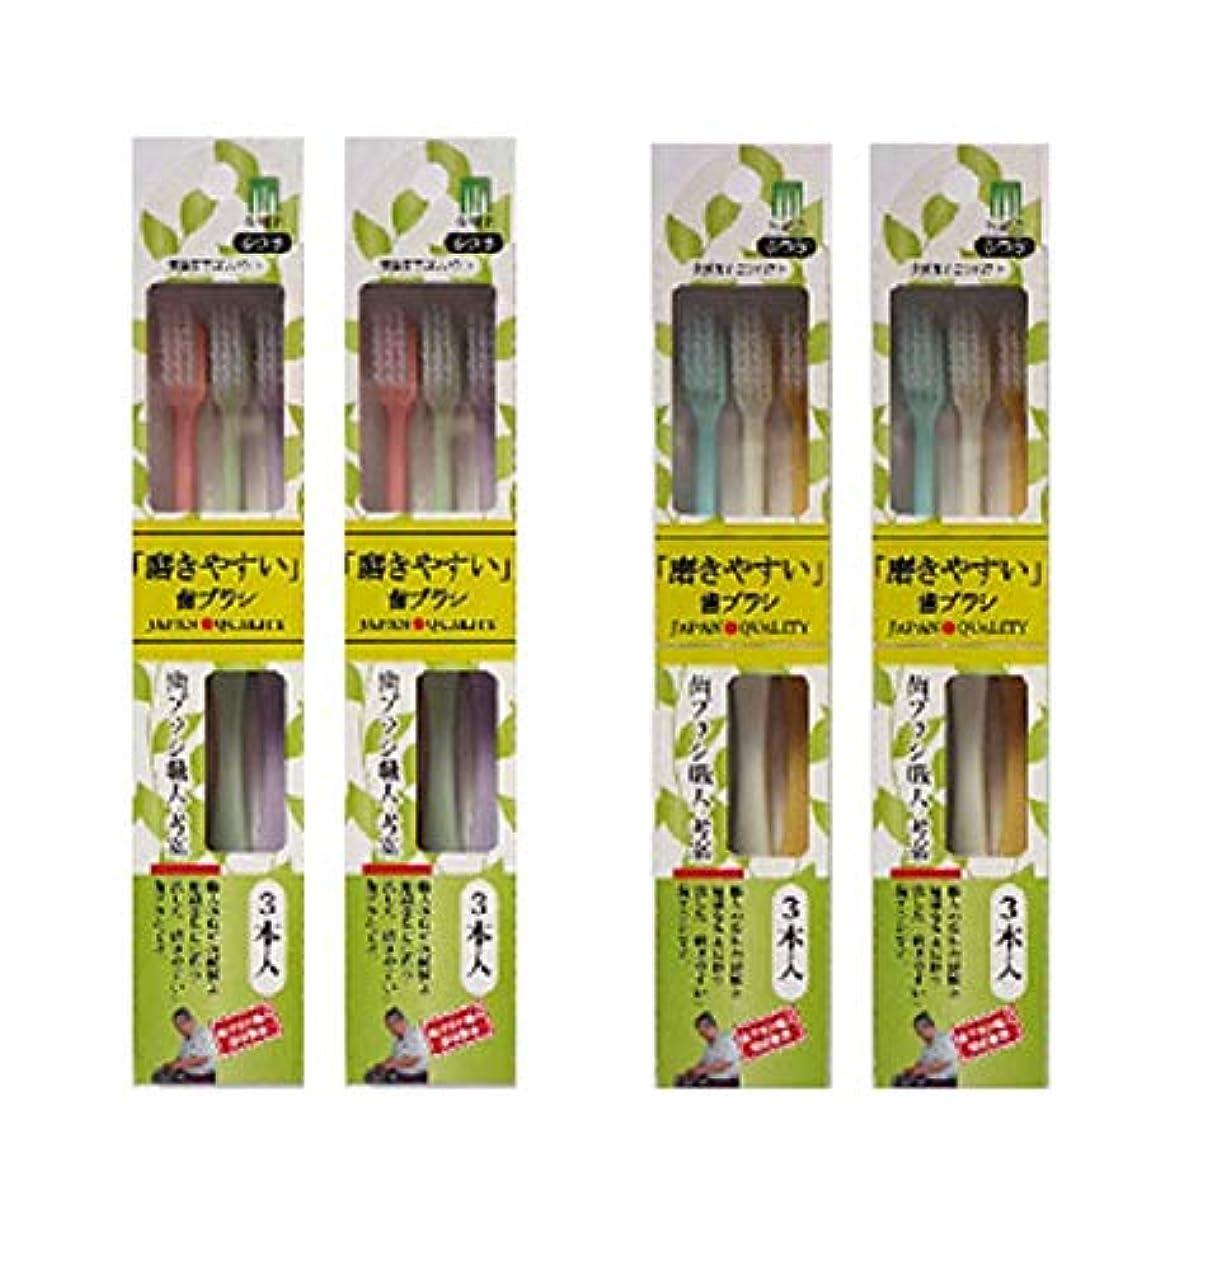 楽な含意特徴づけるライフレンジ 磨きやすい歯ブラシ 奥歯までコンパクト 先細毛(ふつう) ELT-1(3本入)×4箱セット